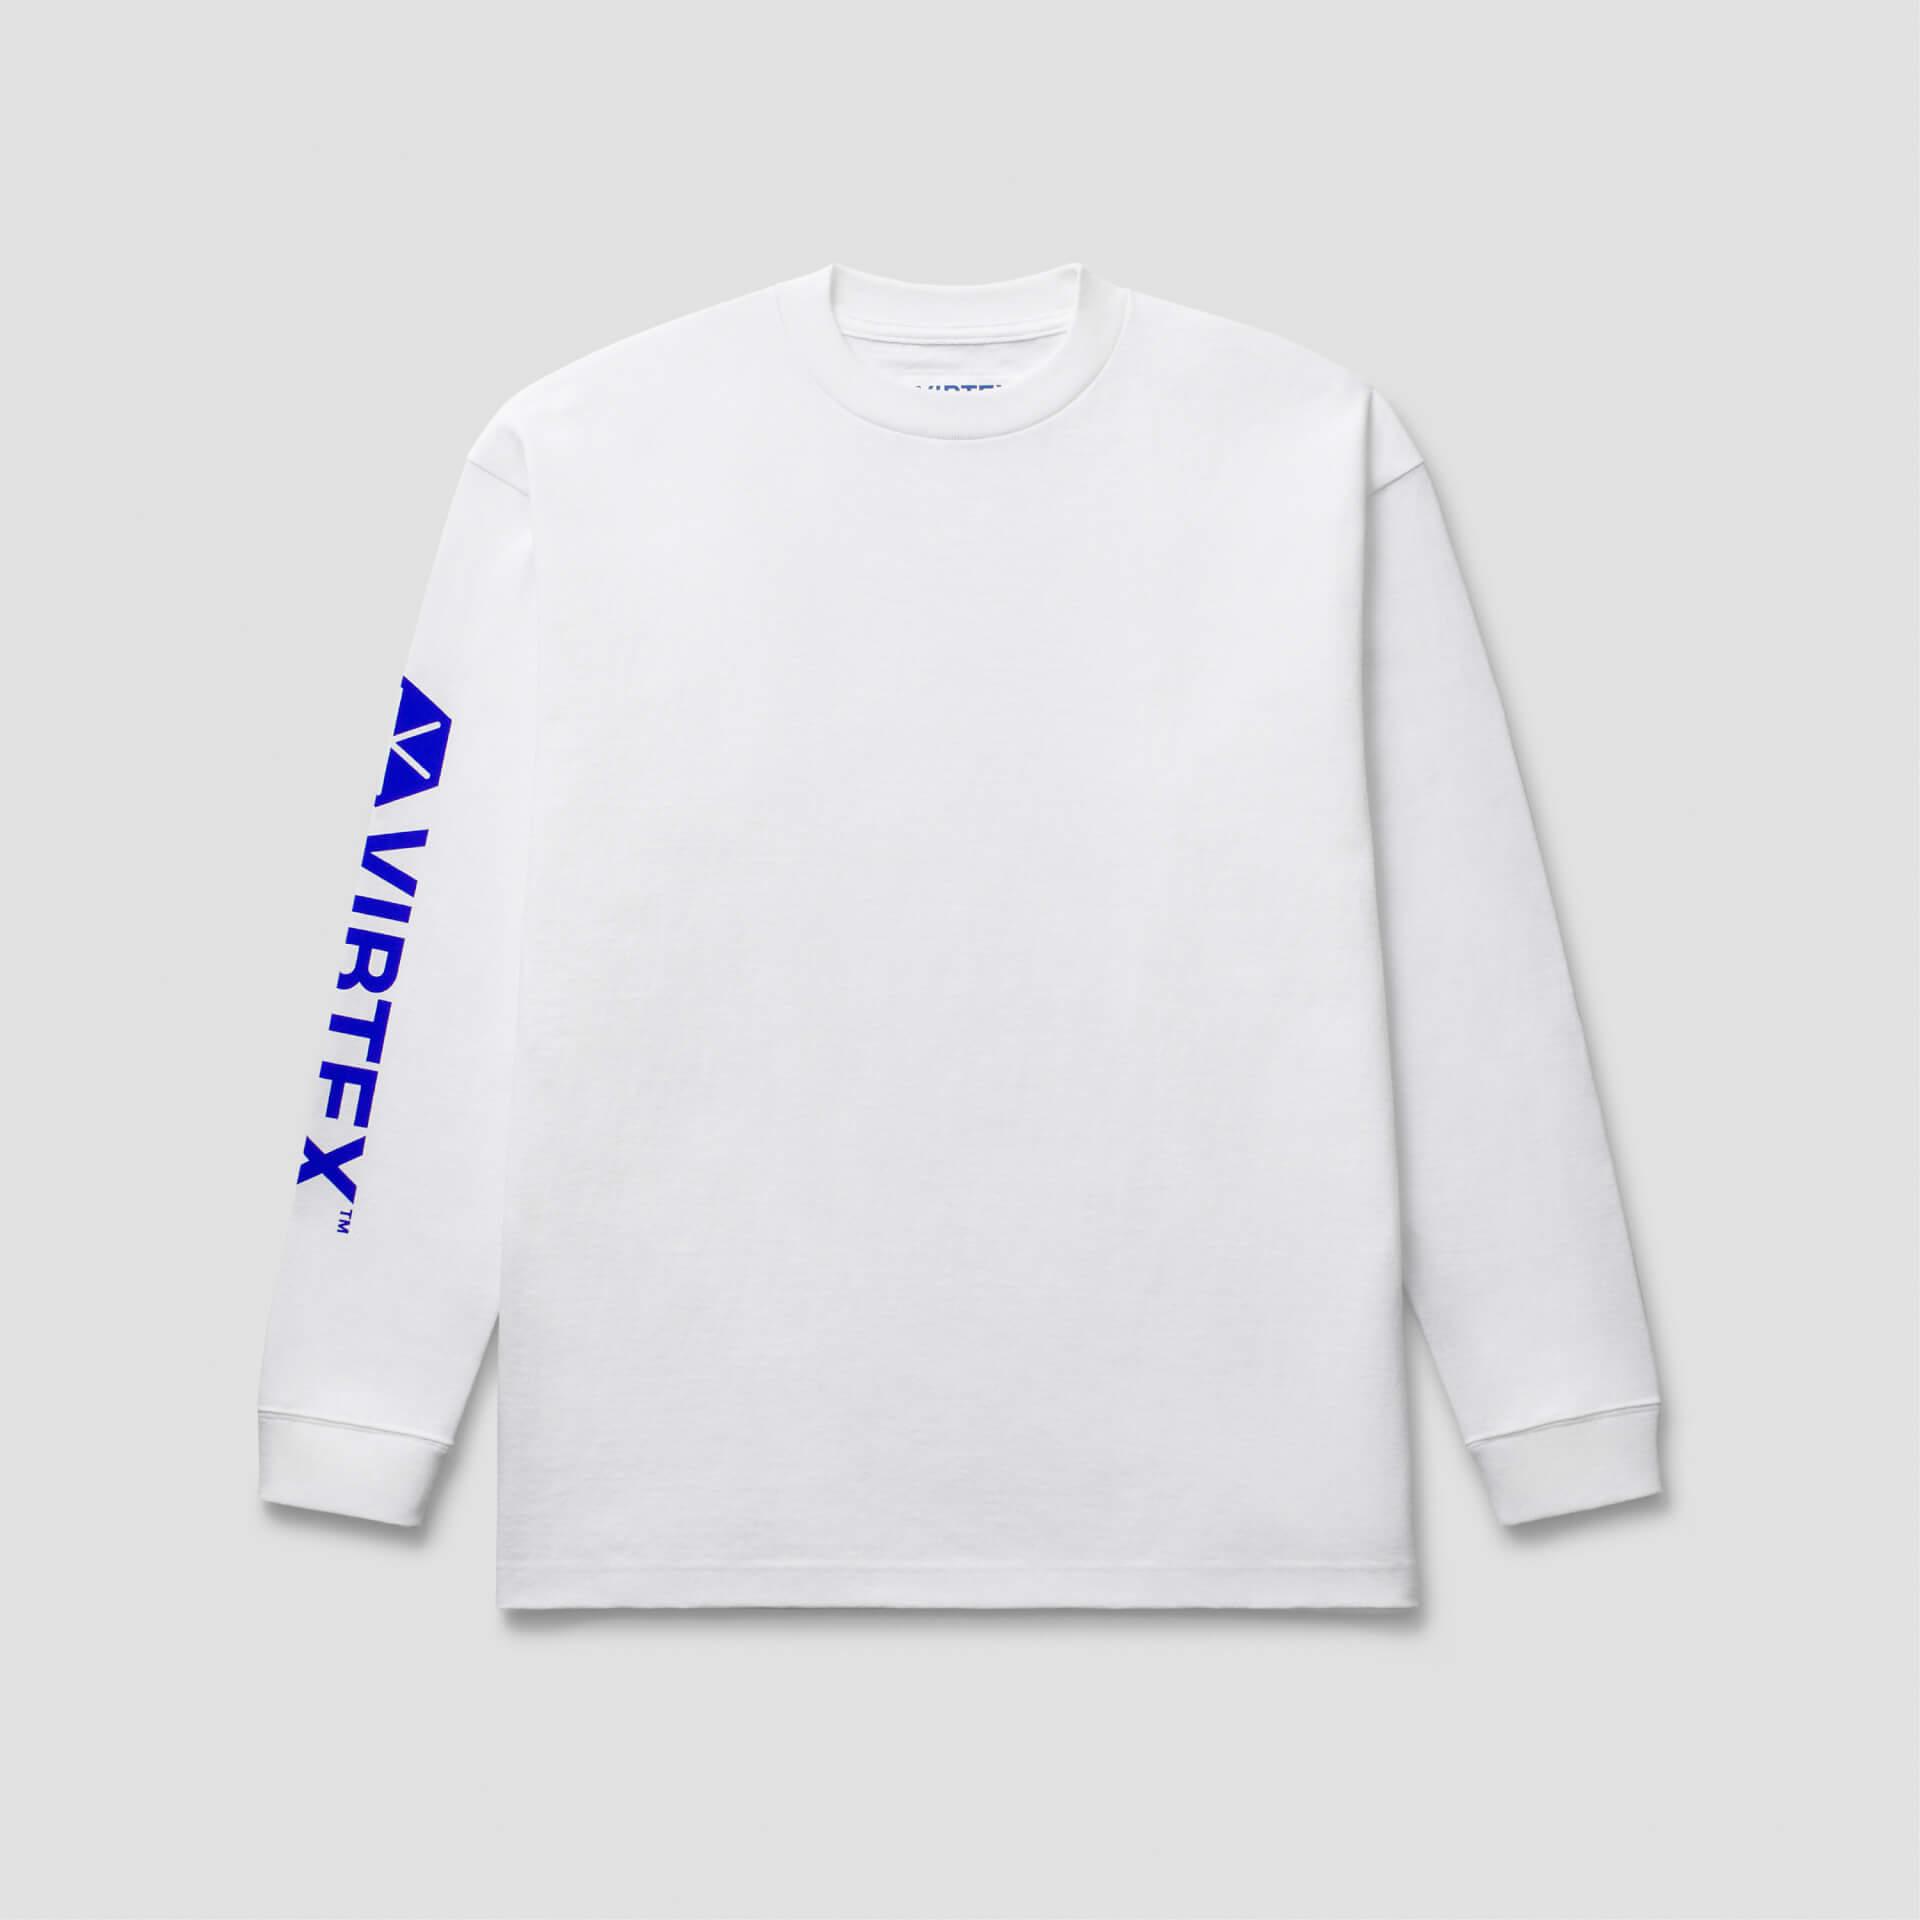 日本初の抗ウイルス機能を備えたアイテムが満載!「VIBTEX™」が誕生&コンセプトビジュアルにchelmico就任 fashion2020910-vibtex42